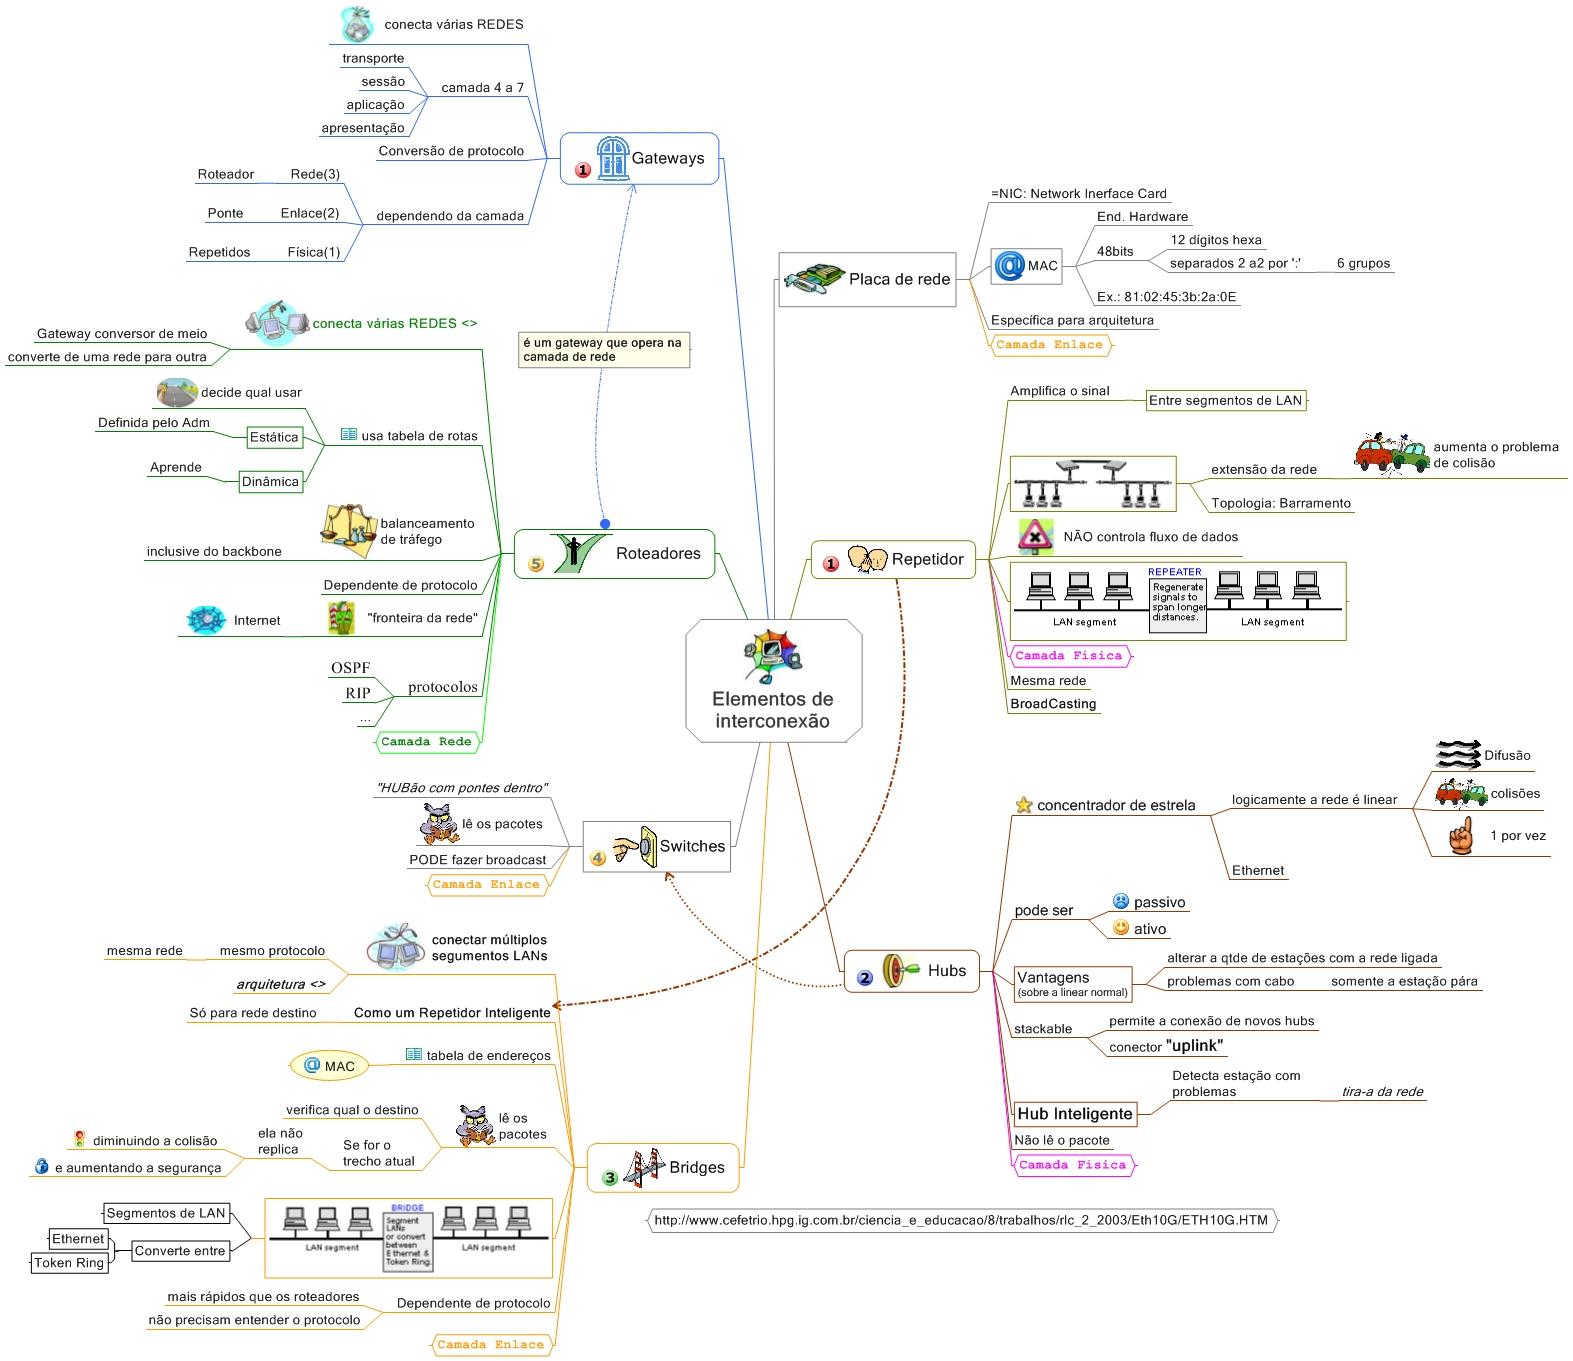 Mapa Mental de Redes de Computadores - Elementos de Interconexão de Redes